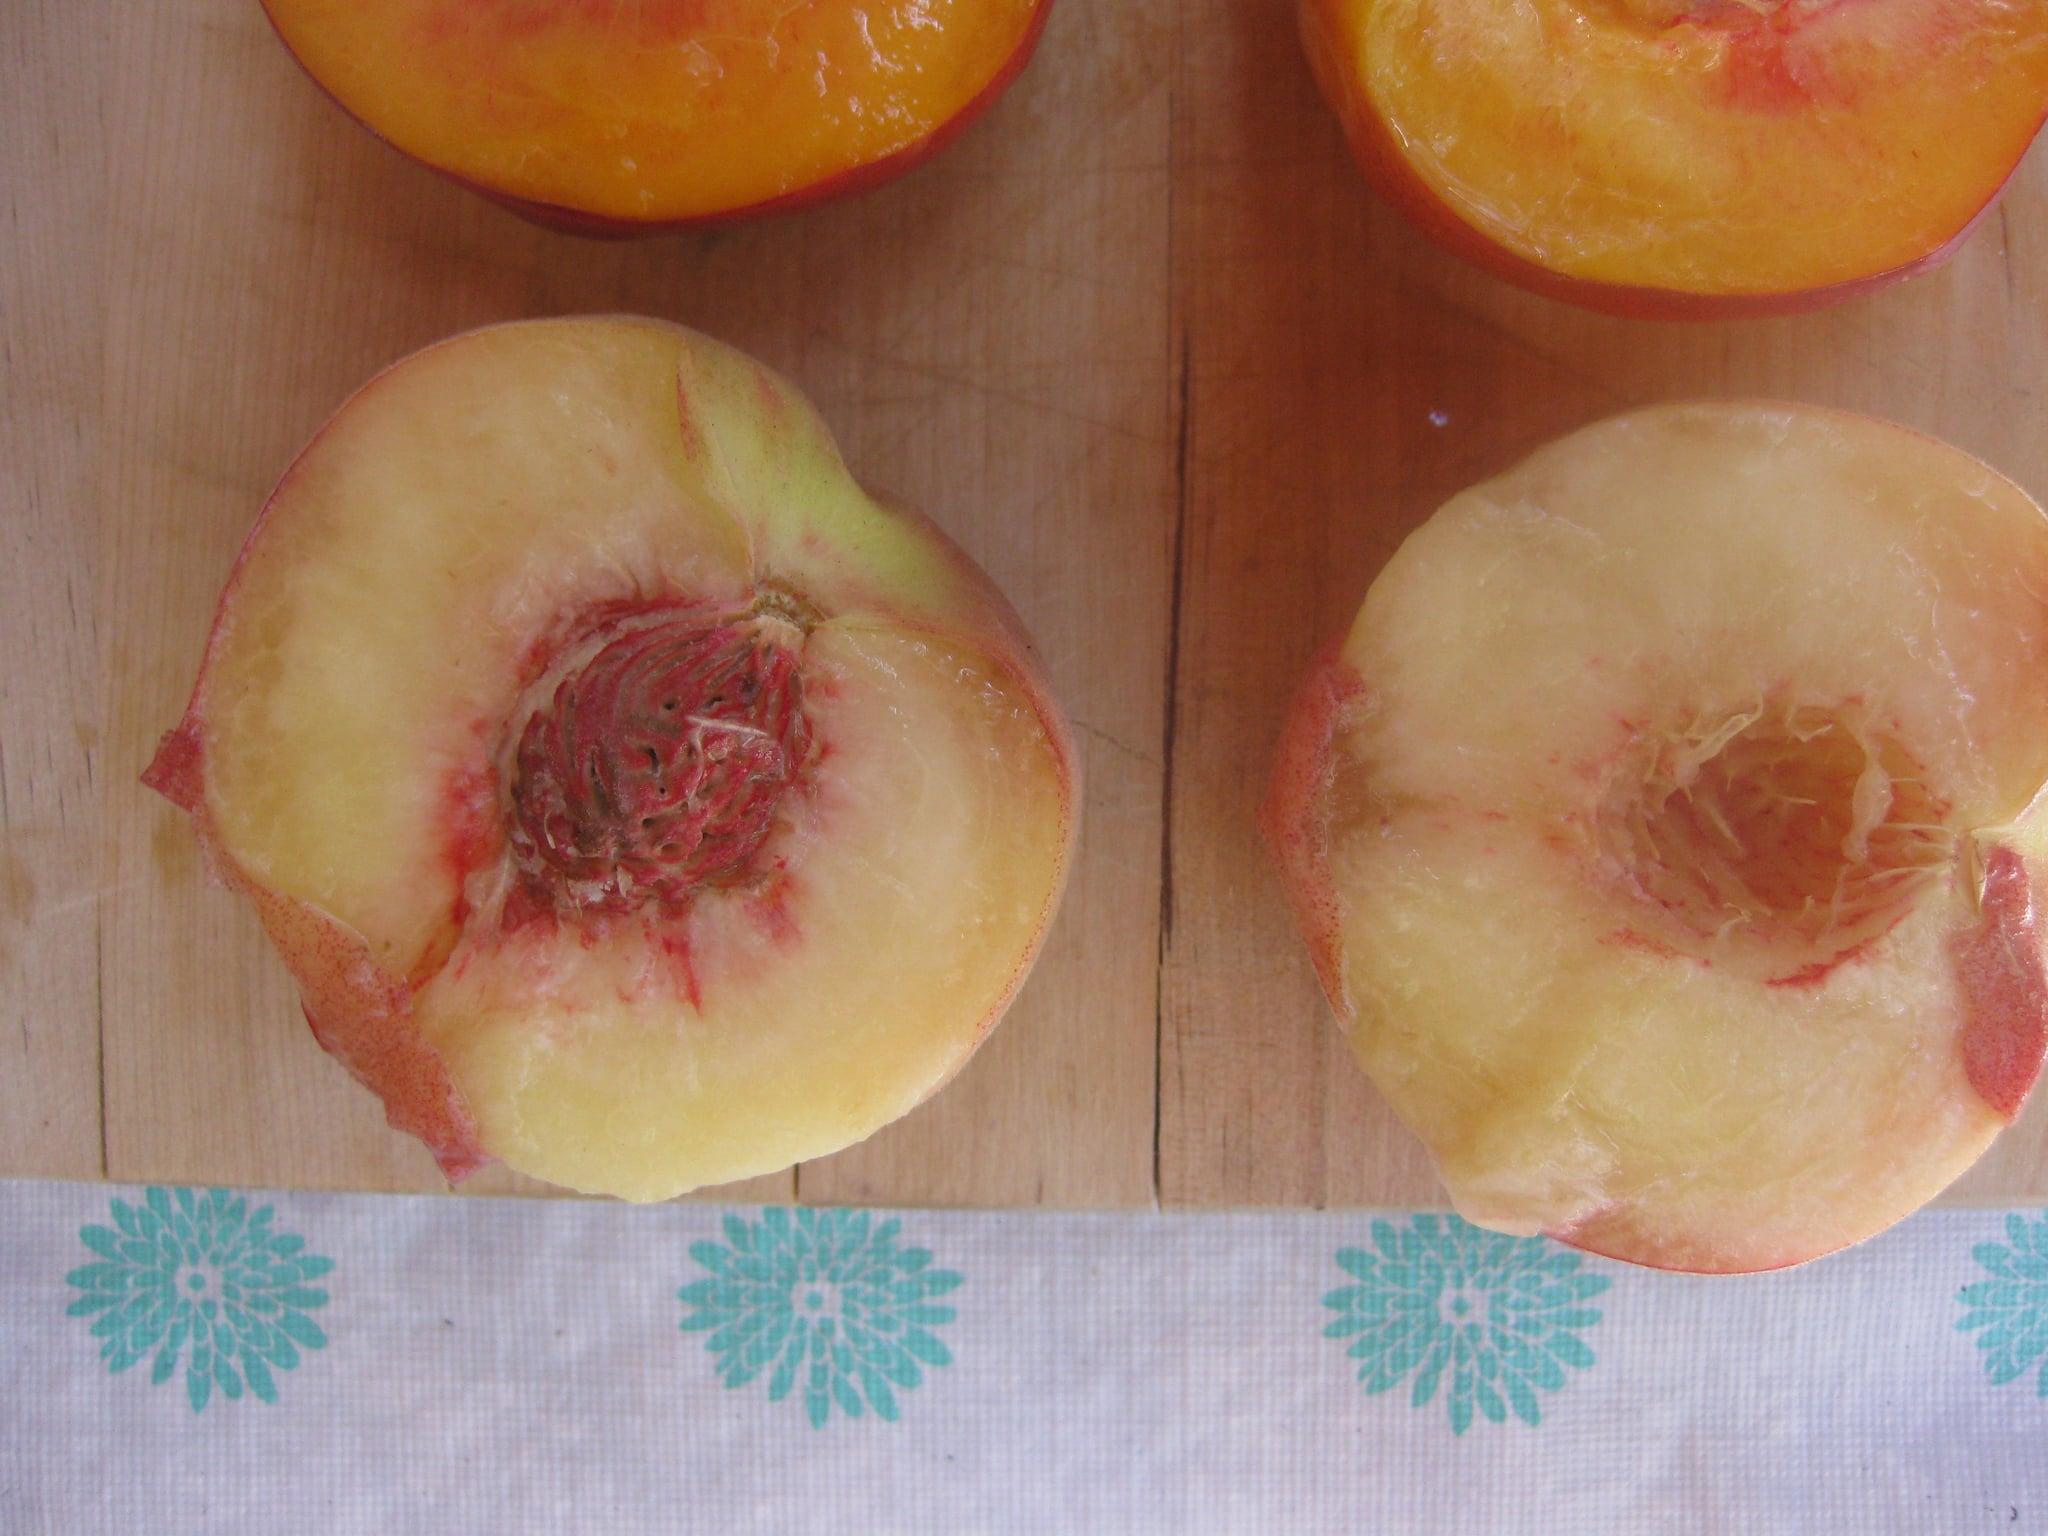 Peach and Nectarine Taste Test